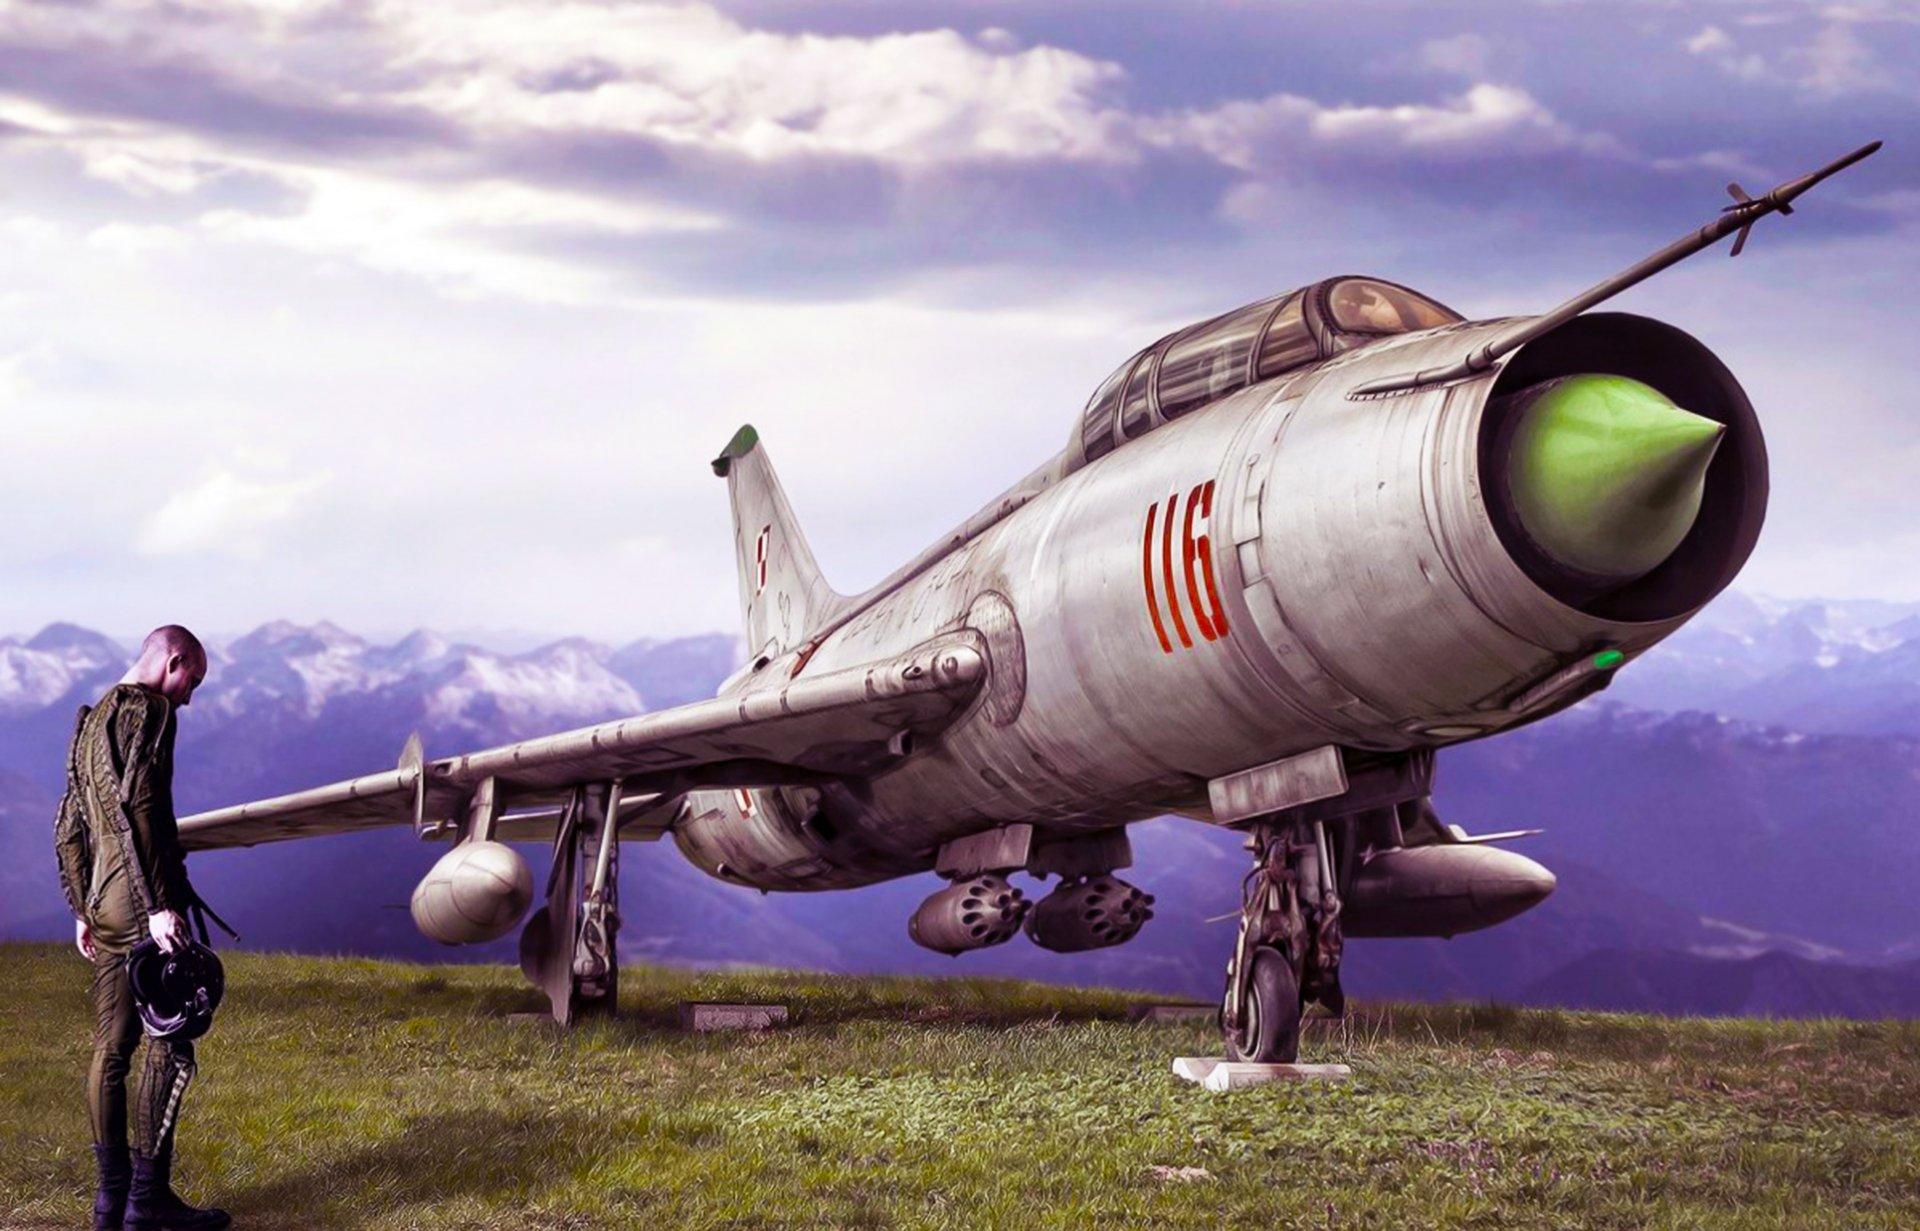 Обои истребитель, бомбардировщик. Авиация foto 12